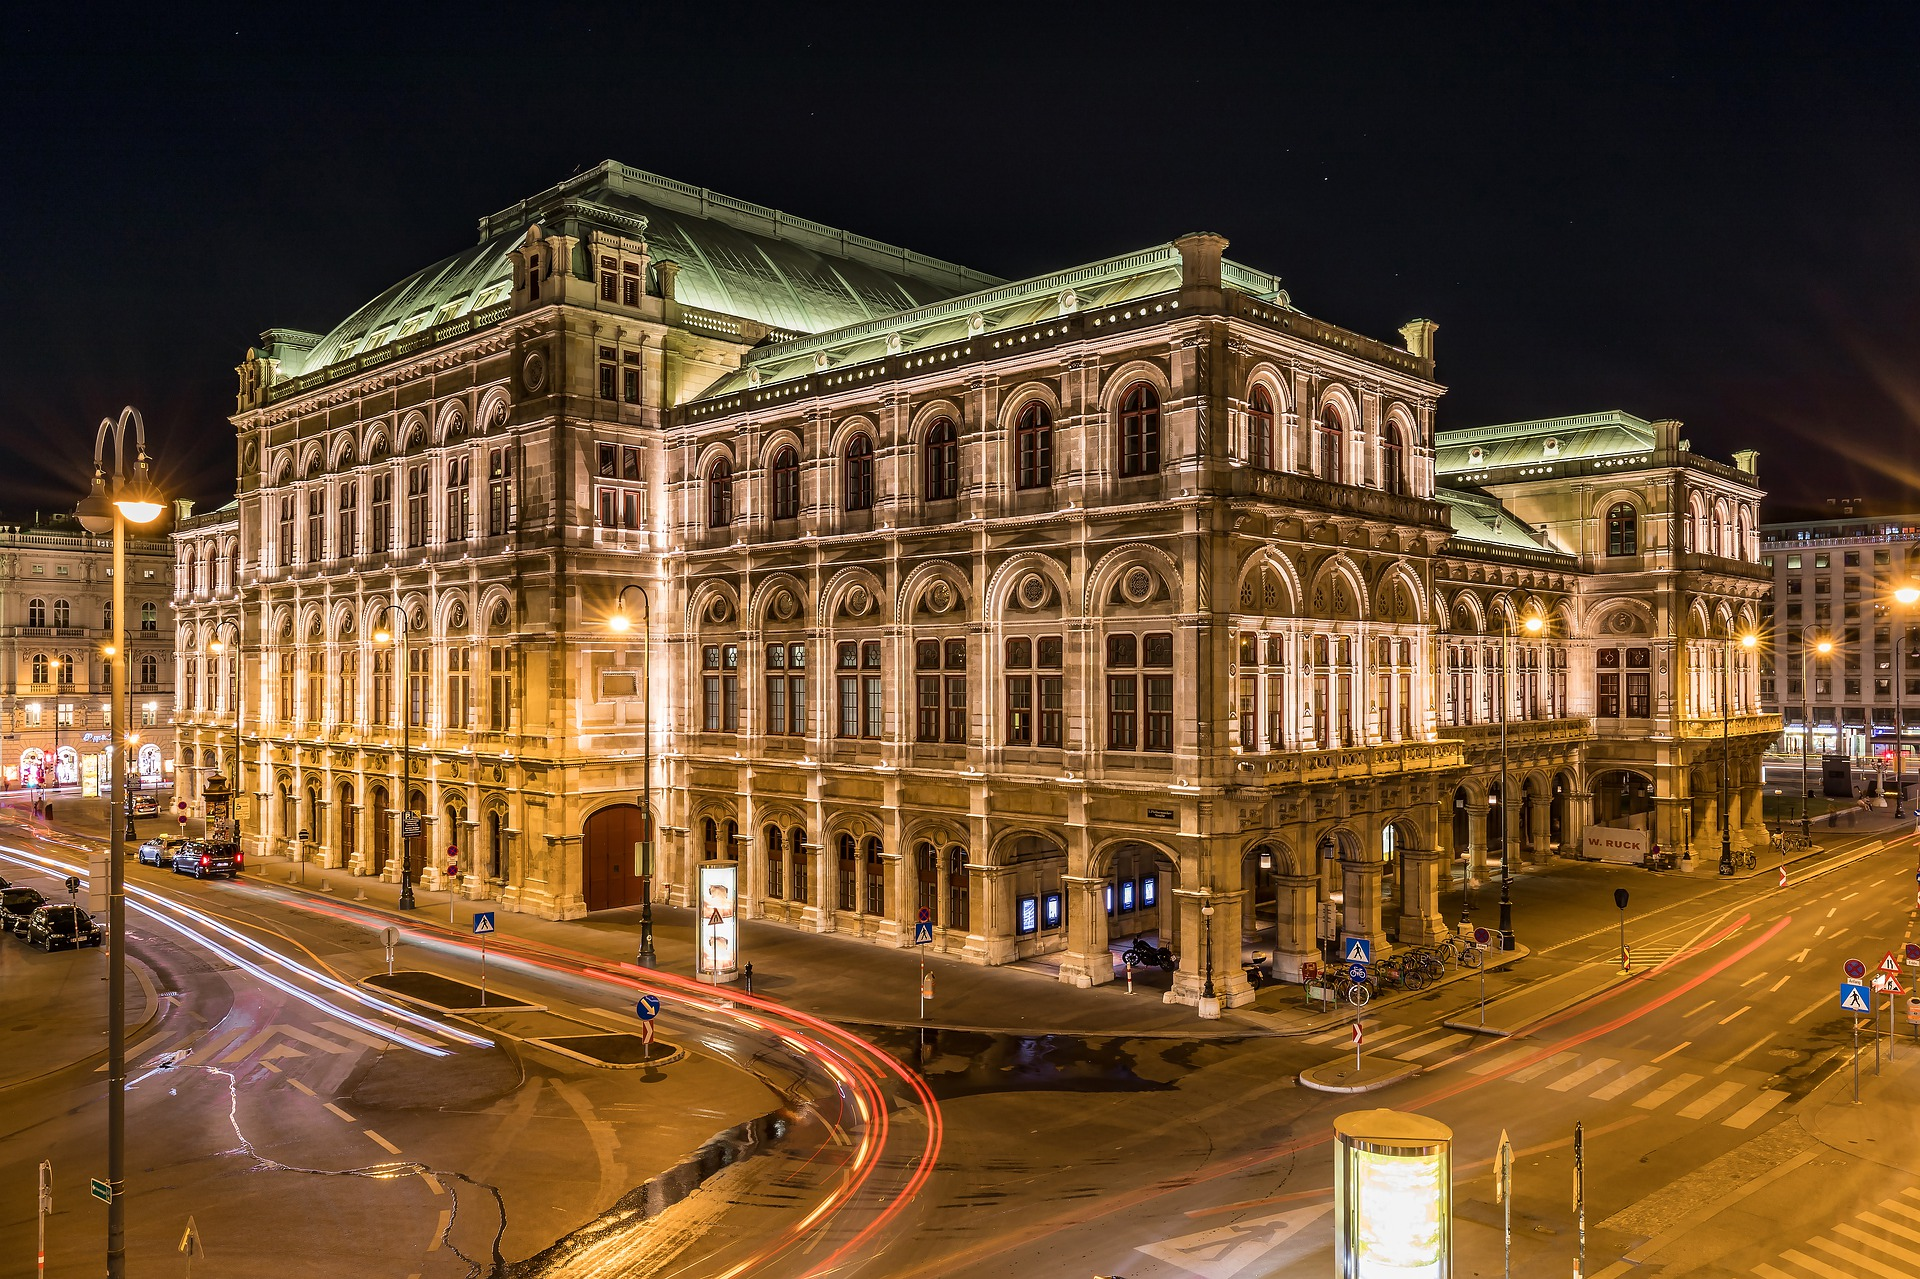 Bécsi szórakozóhelyek